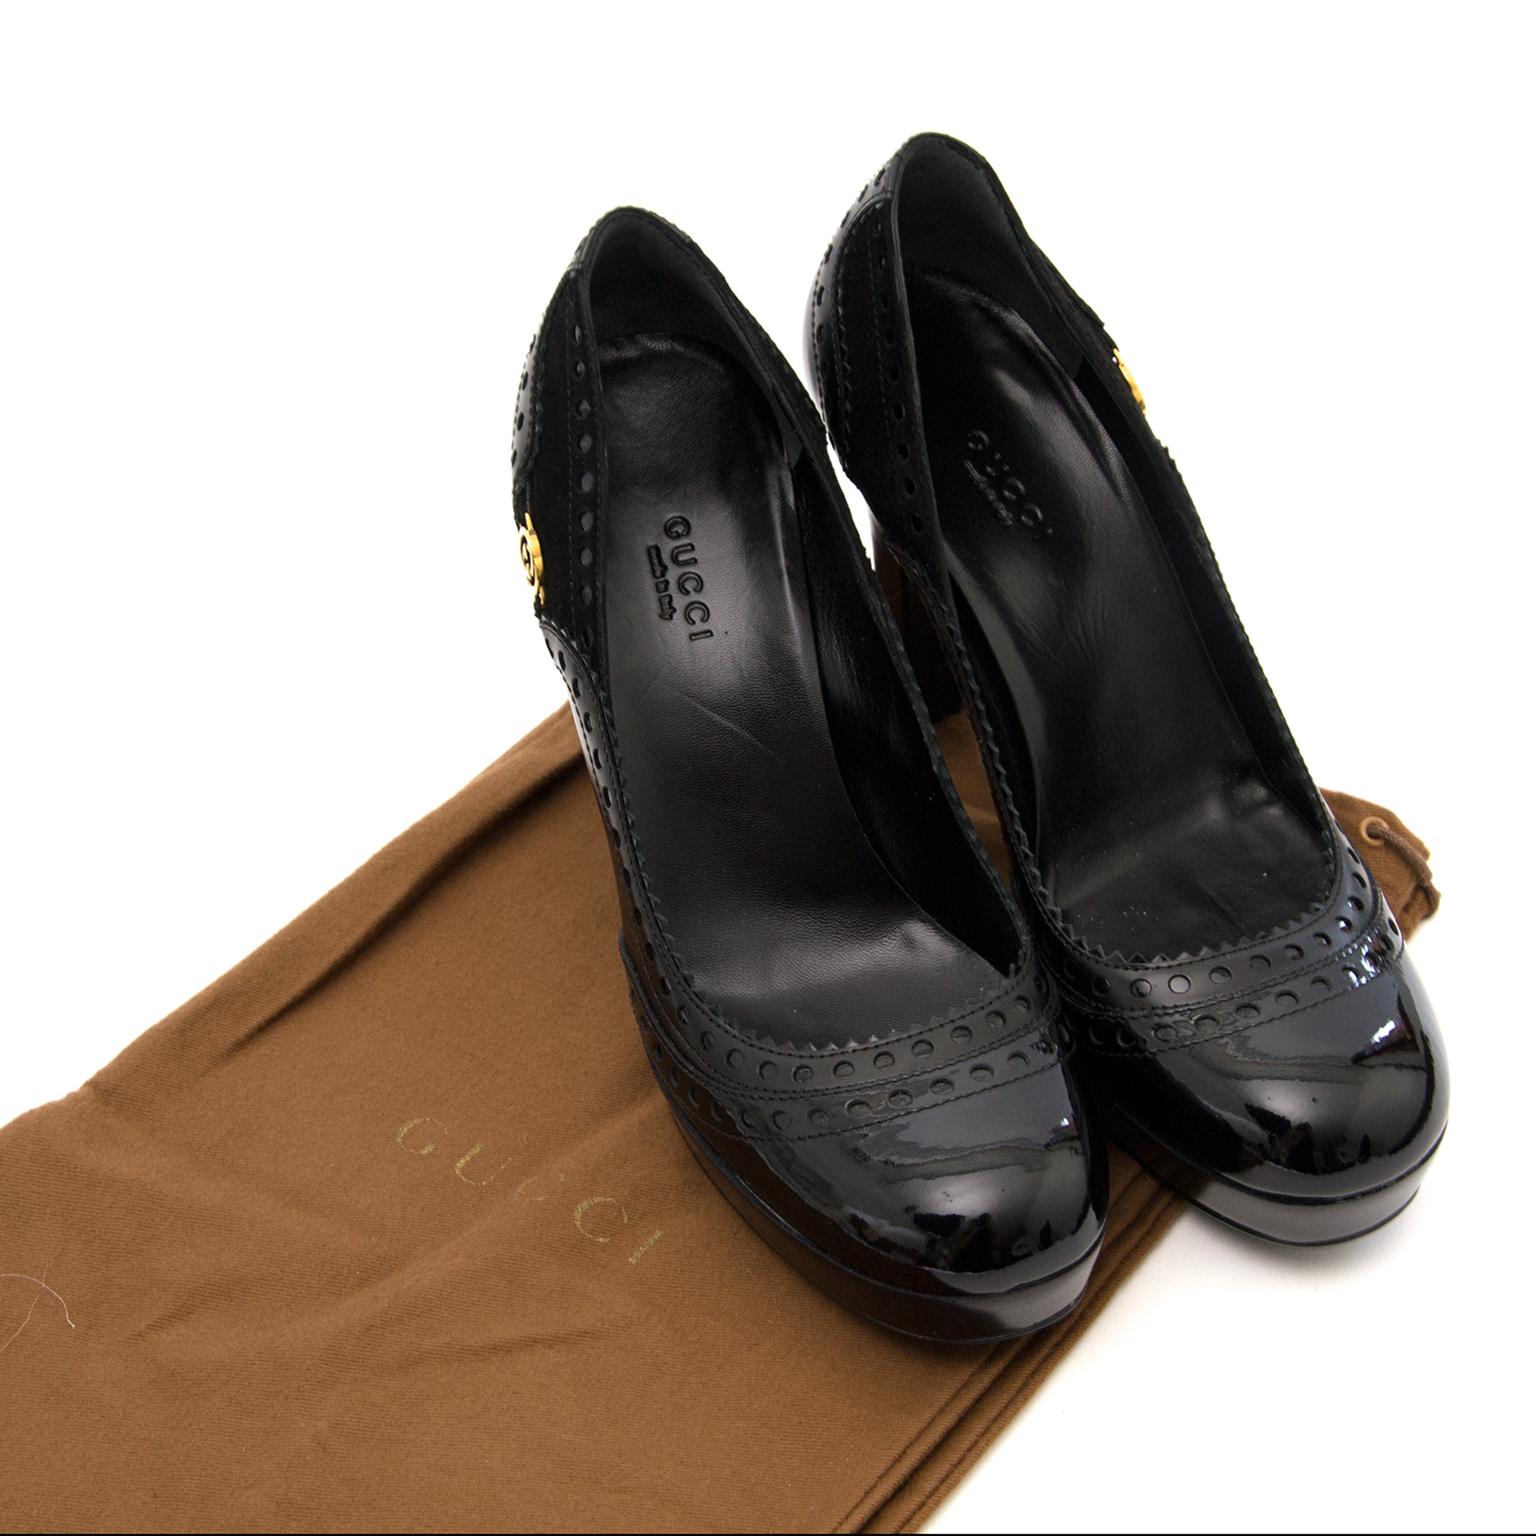 acheter en ligne chez labellov.com pour le meilleur prix gucci black leather pumps